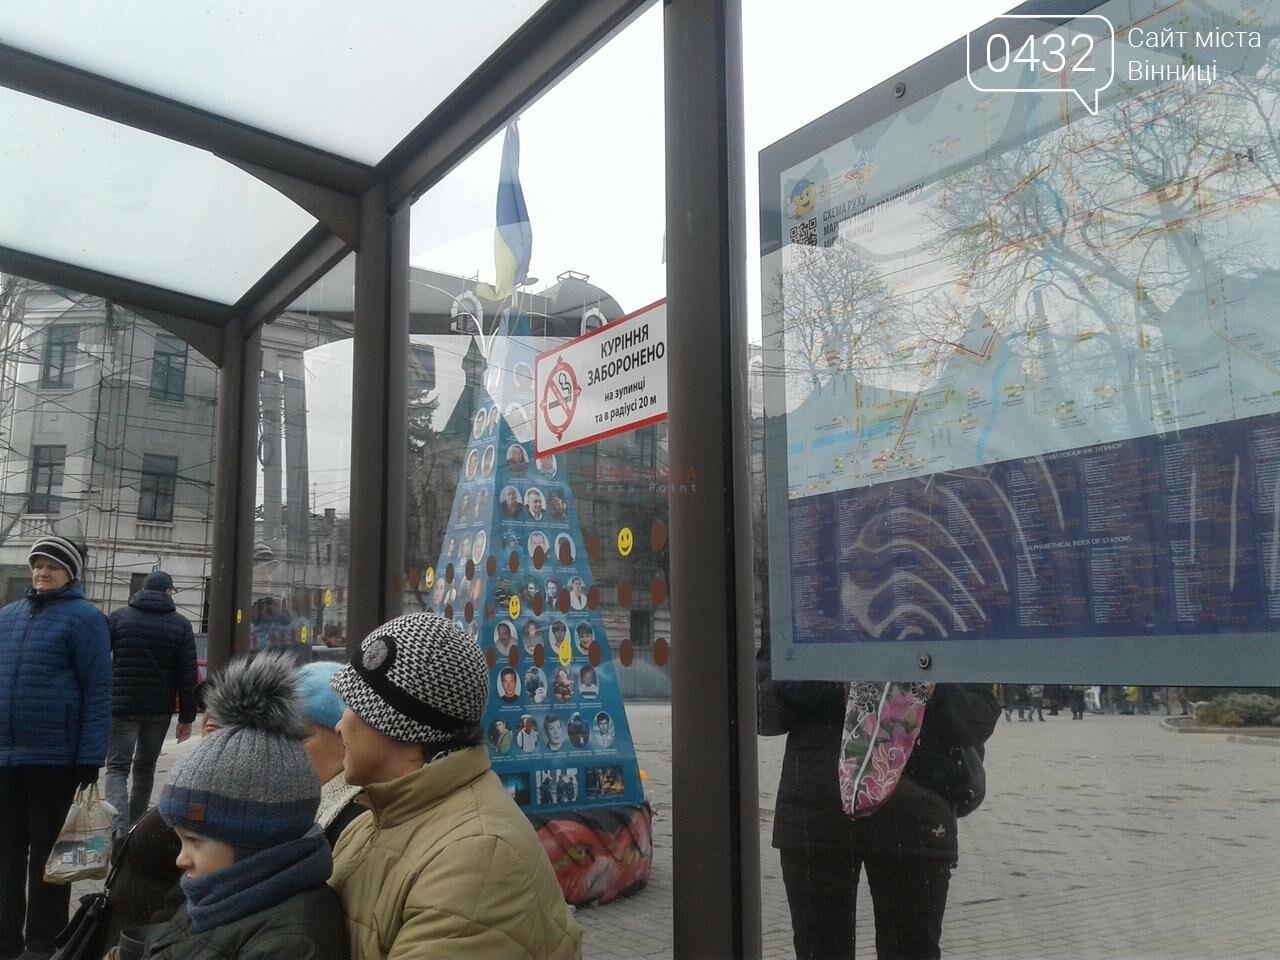 В Виннице остановки общественного транспорта устроили указателям о запрете курения (фото), фото-1